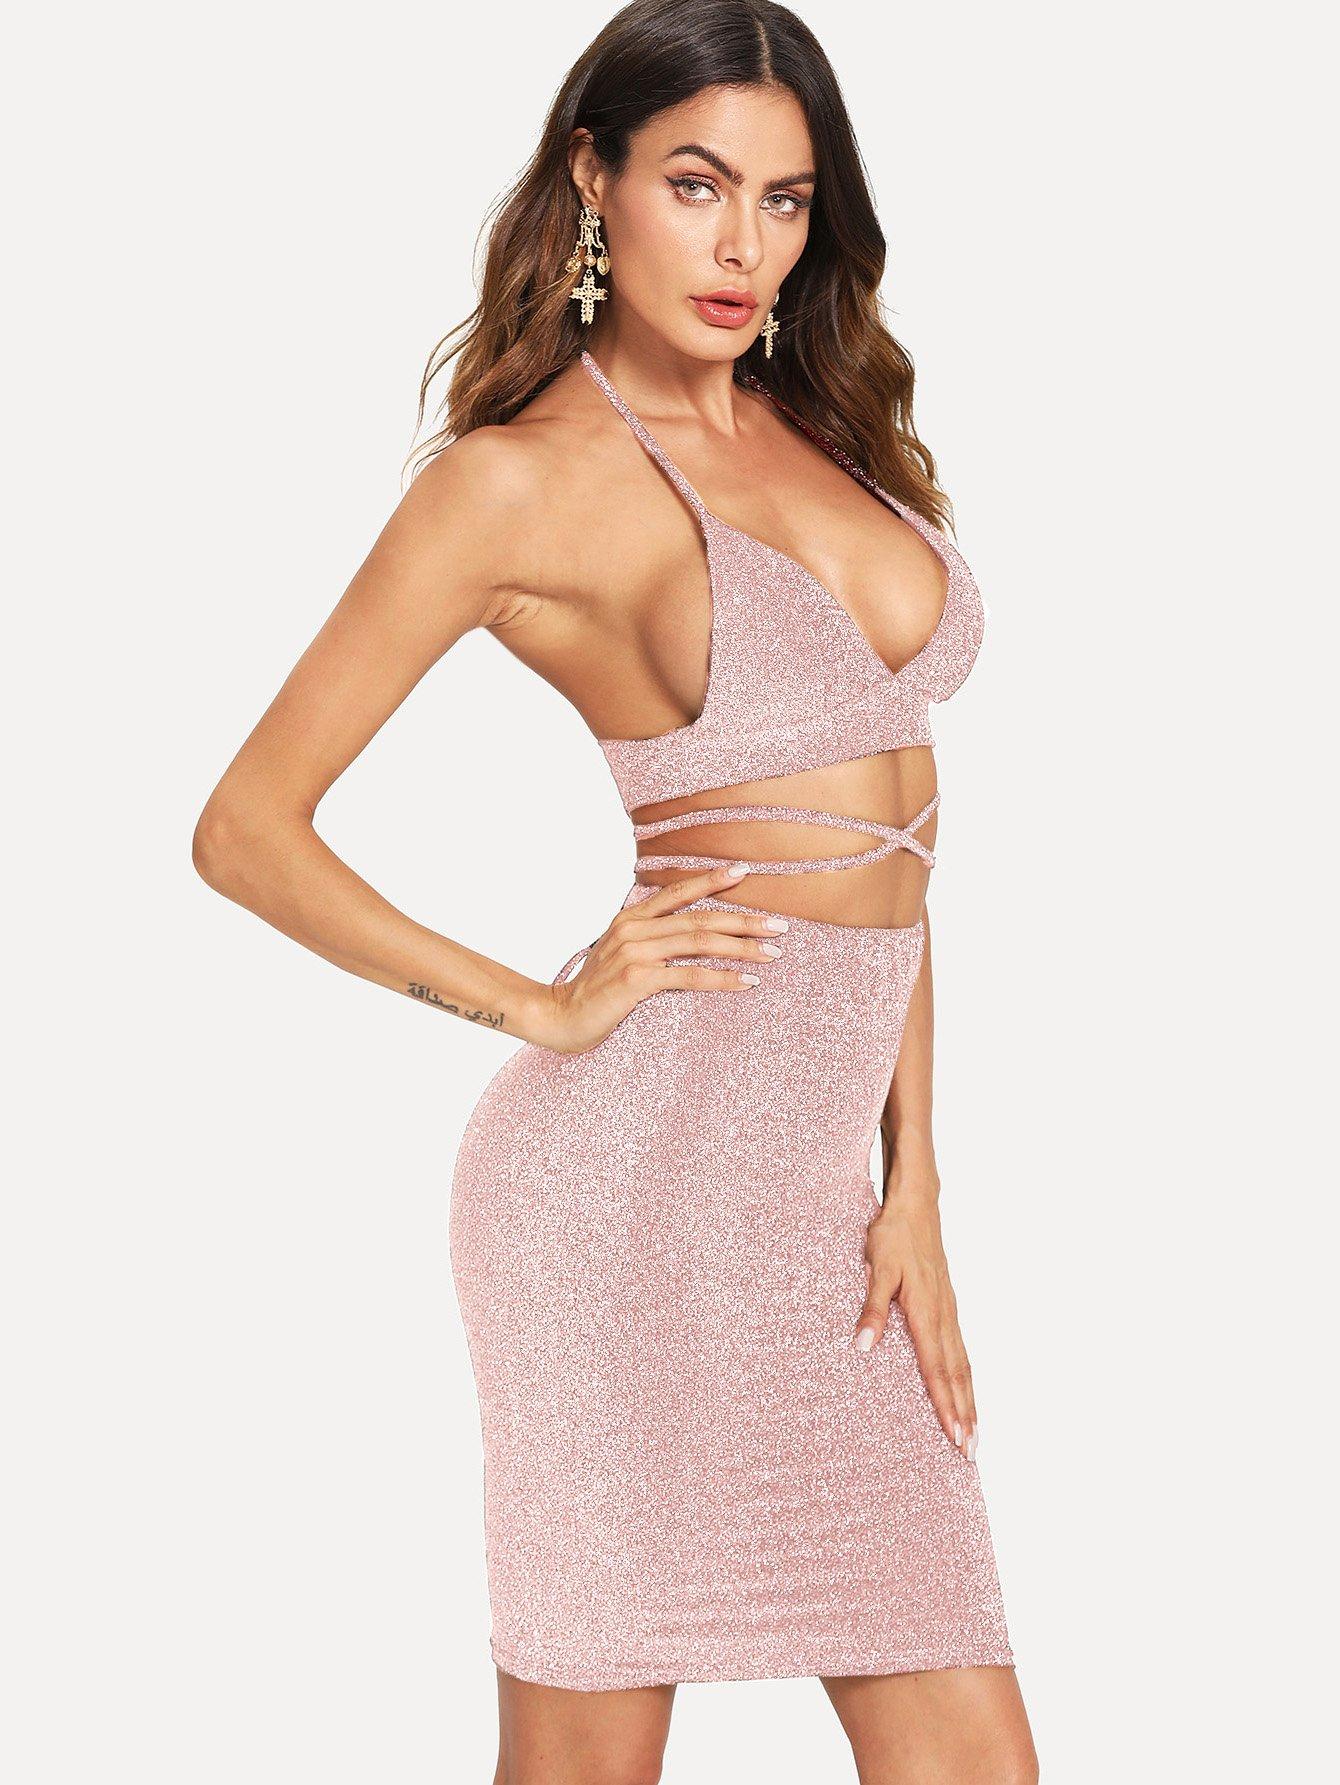 Купить Повседневный стиль Ровный цвет с бантом Розовый Комплект, Andy, SheIn